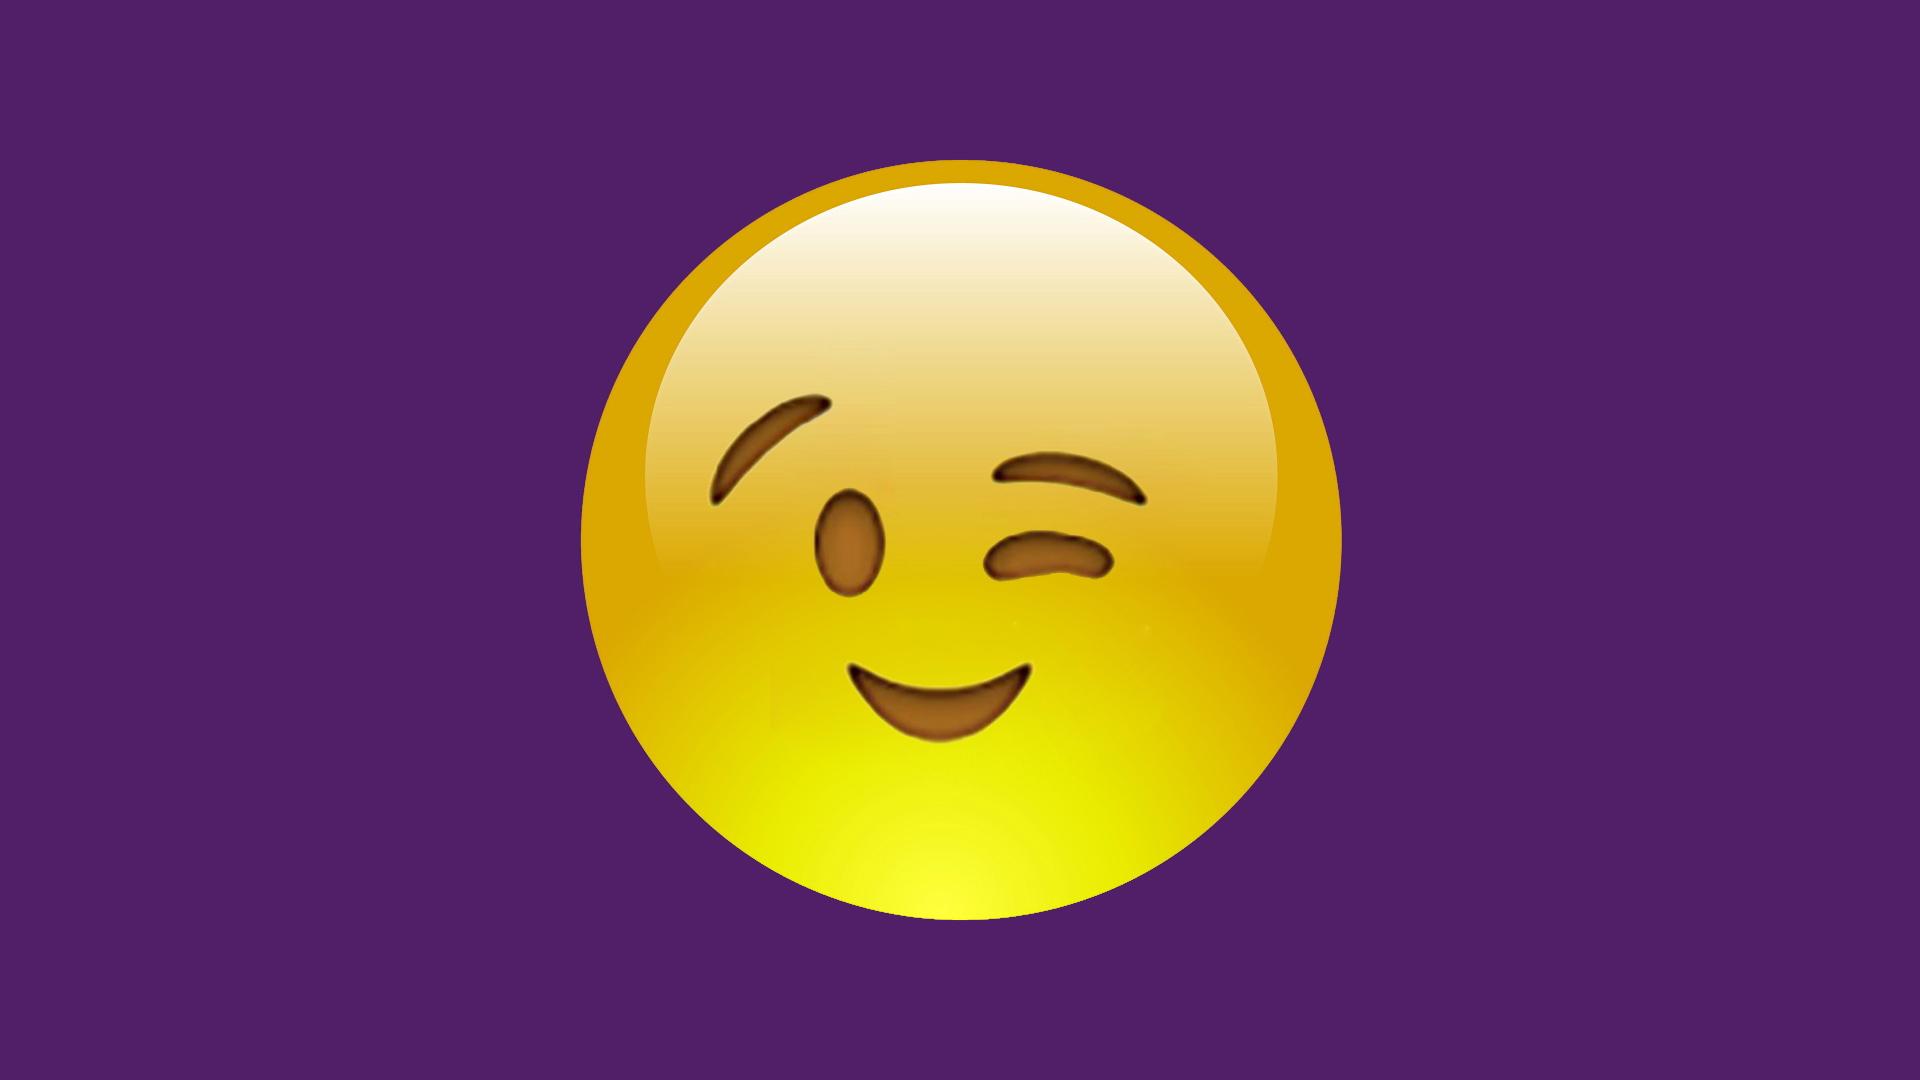 7 coisas que você (provavelmente) não sabia sobre emojis